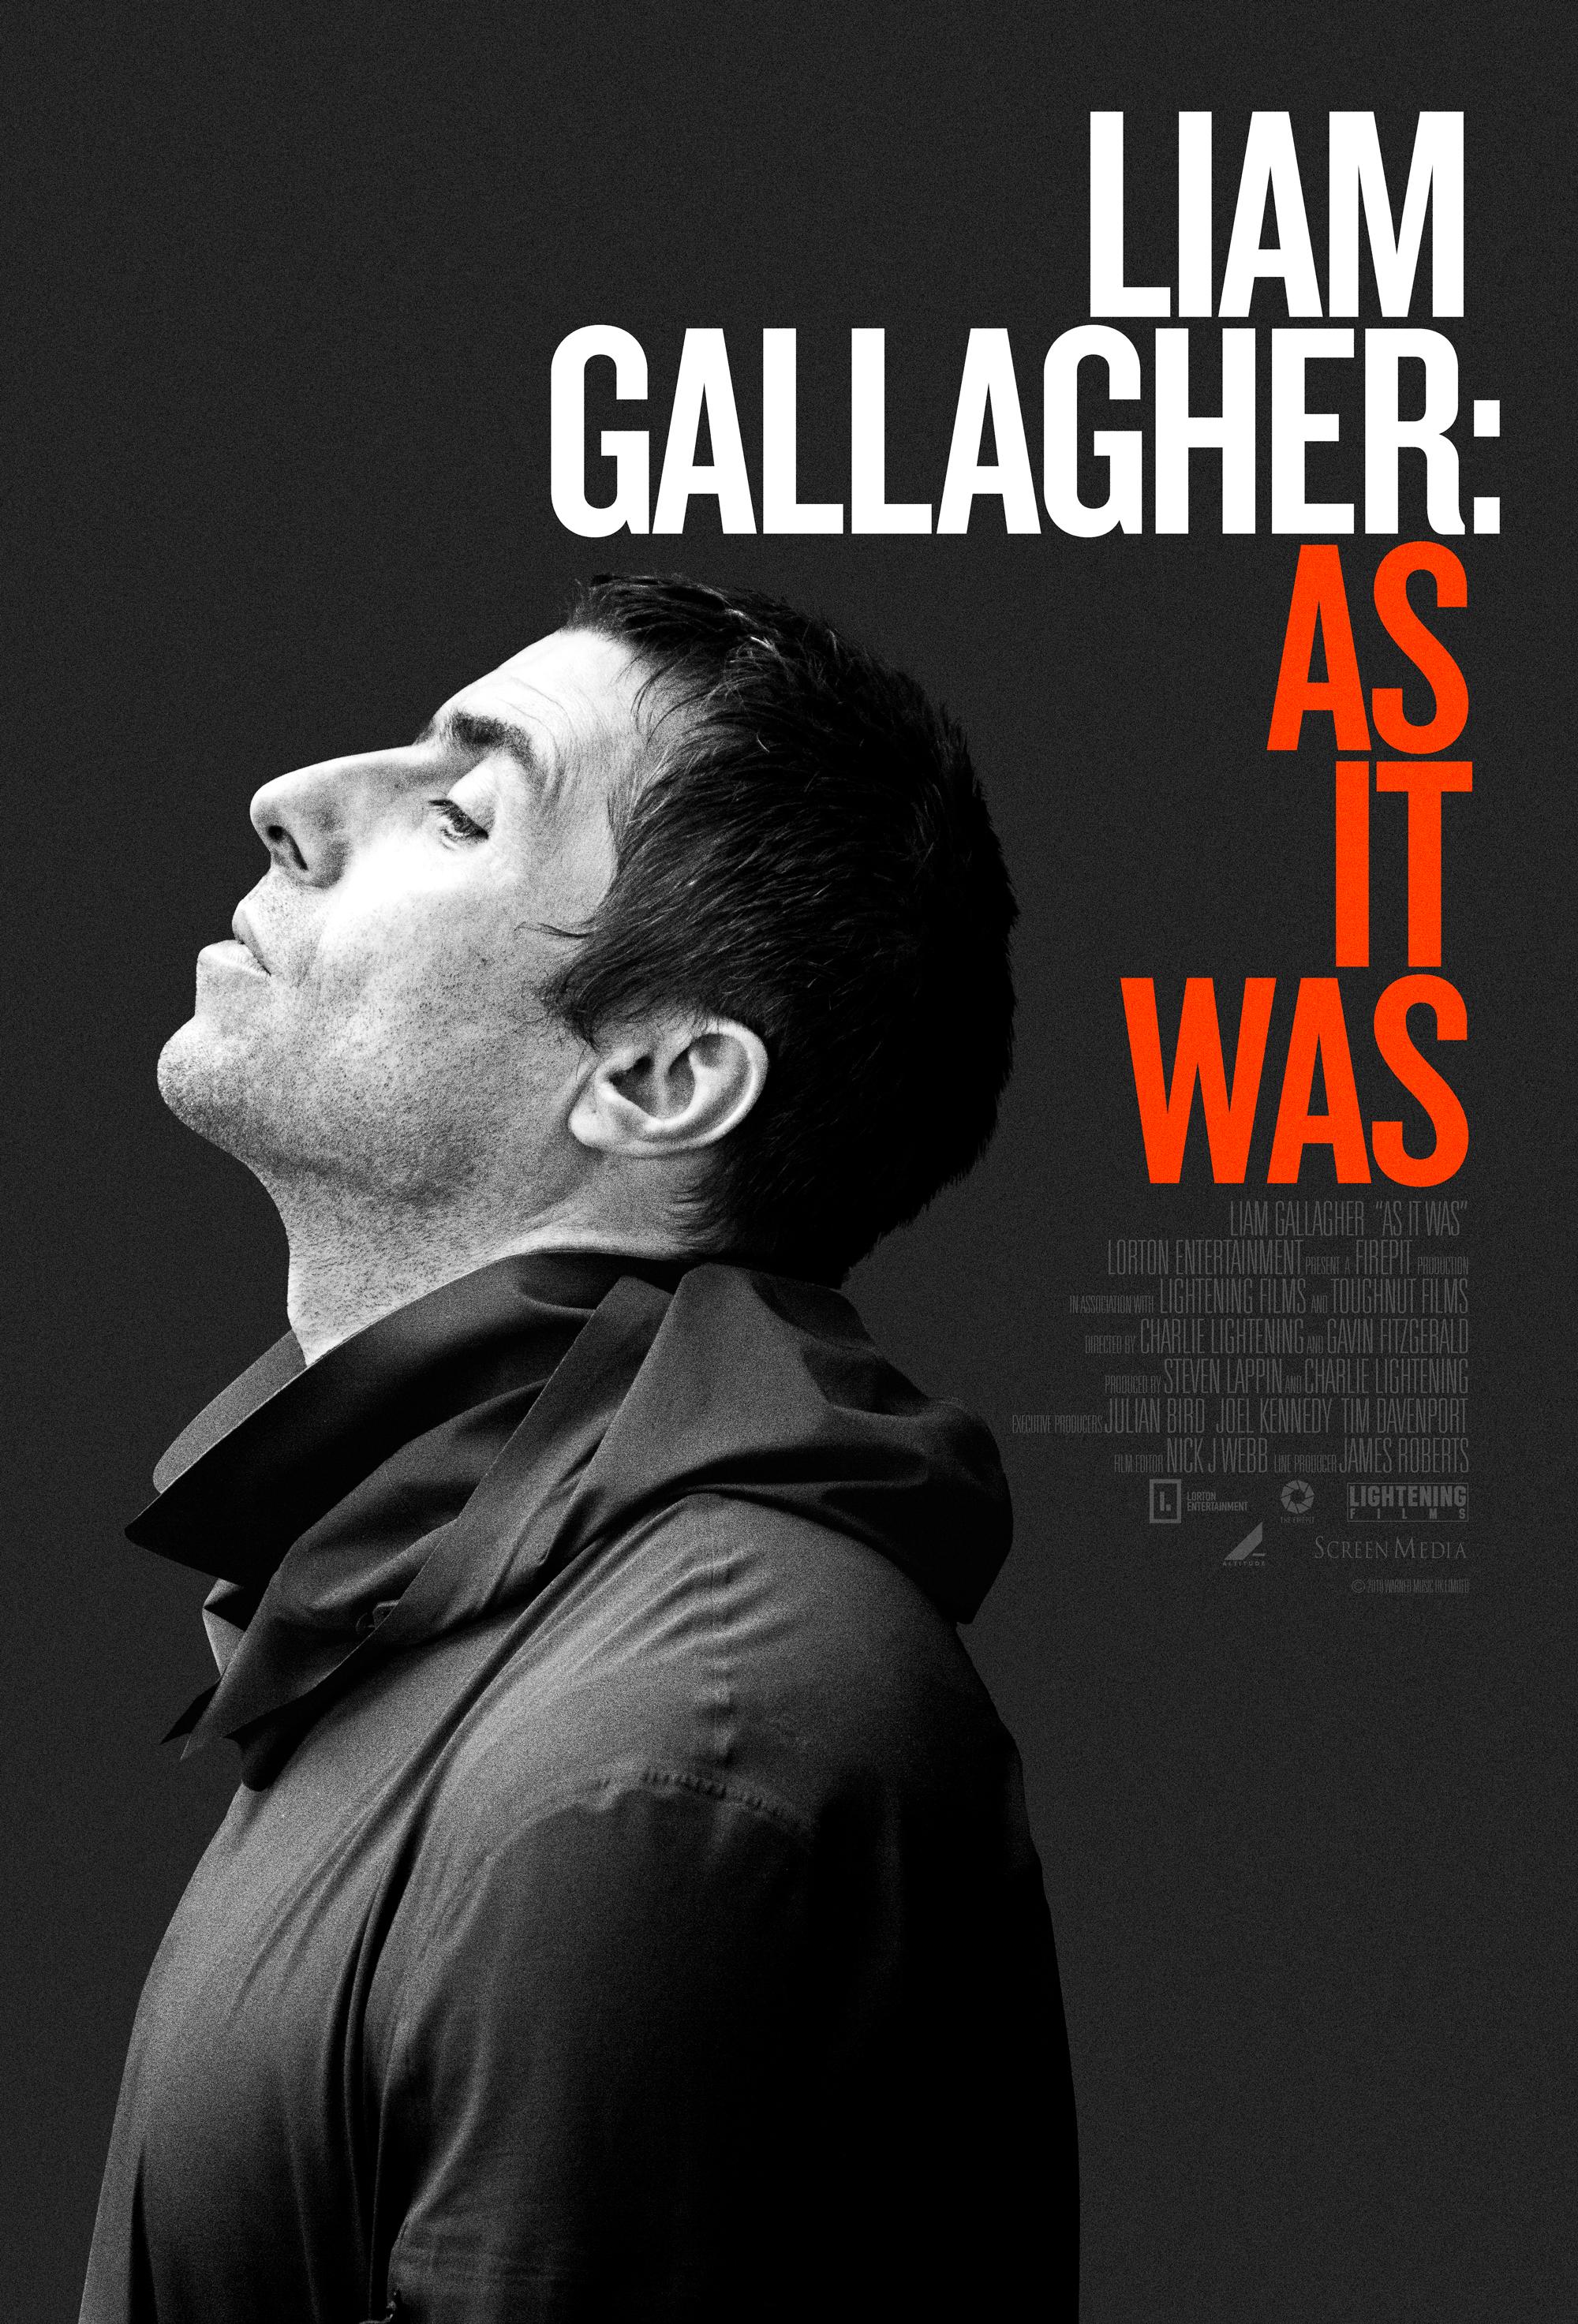 [ARTE Mediathek] Liam Gallagher (Oasis): As It Was (2019) Dokumentation als Stream und Download [IMDB 7.0]